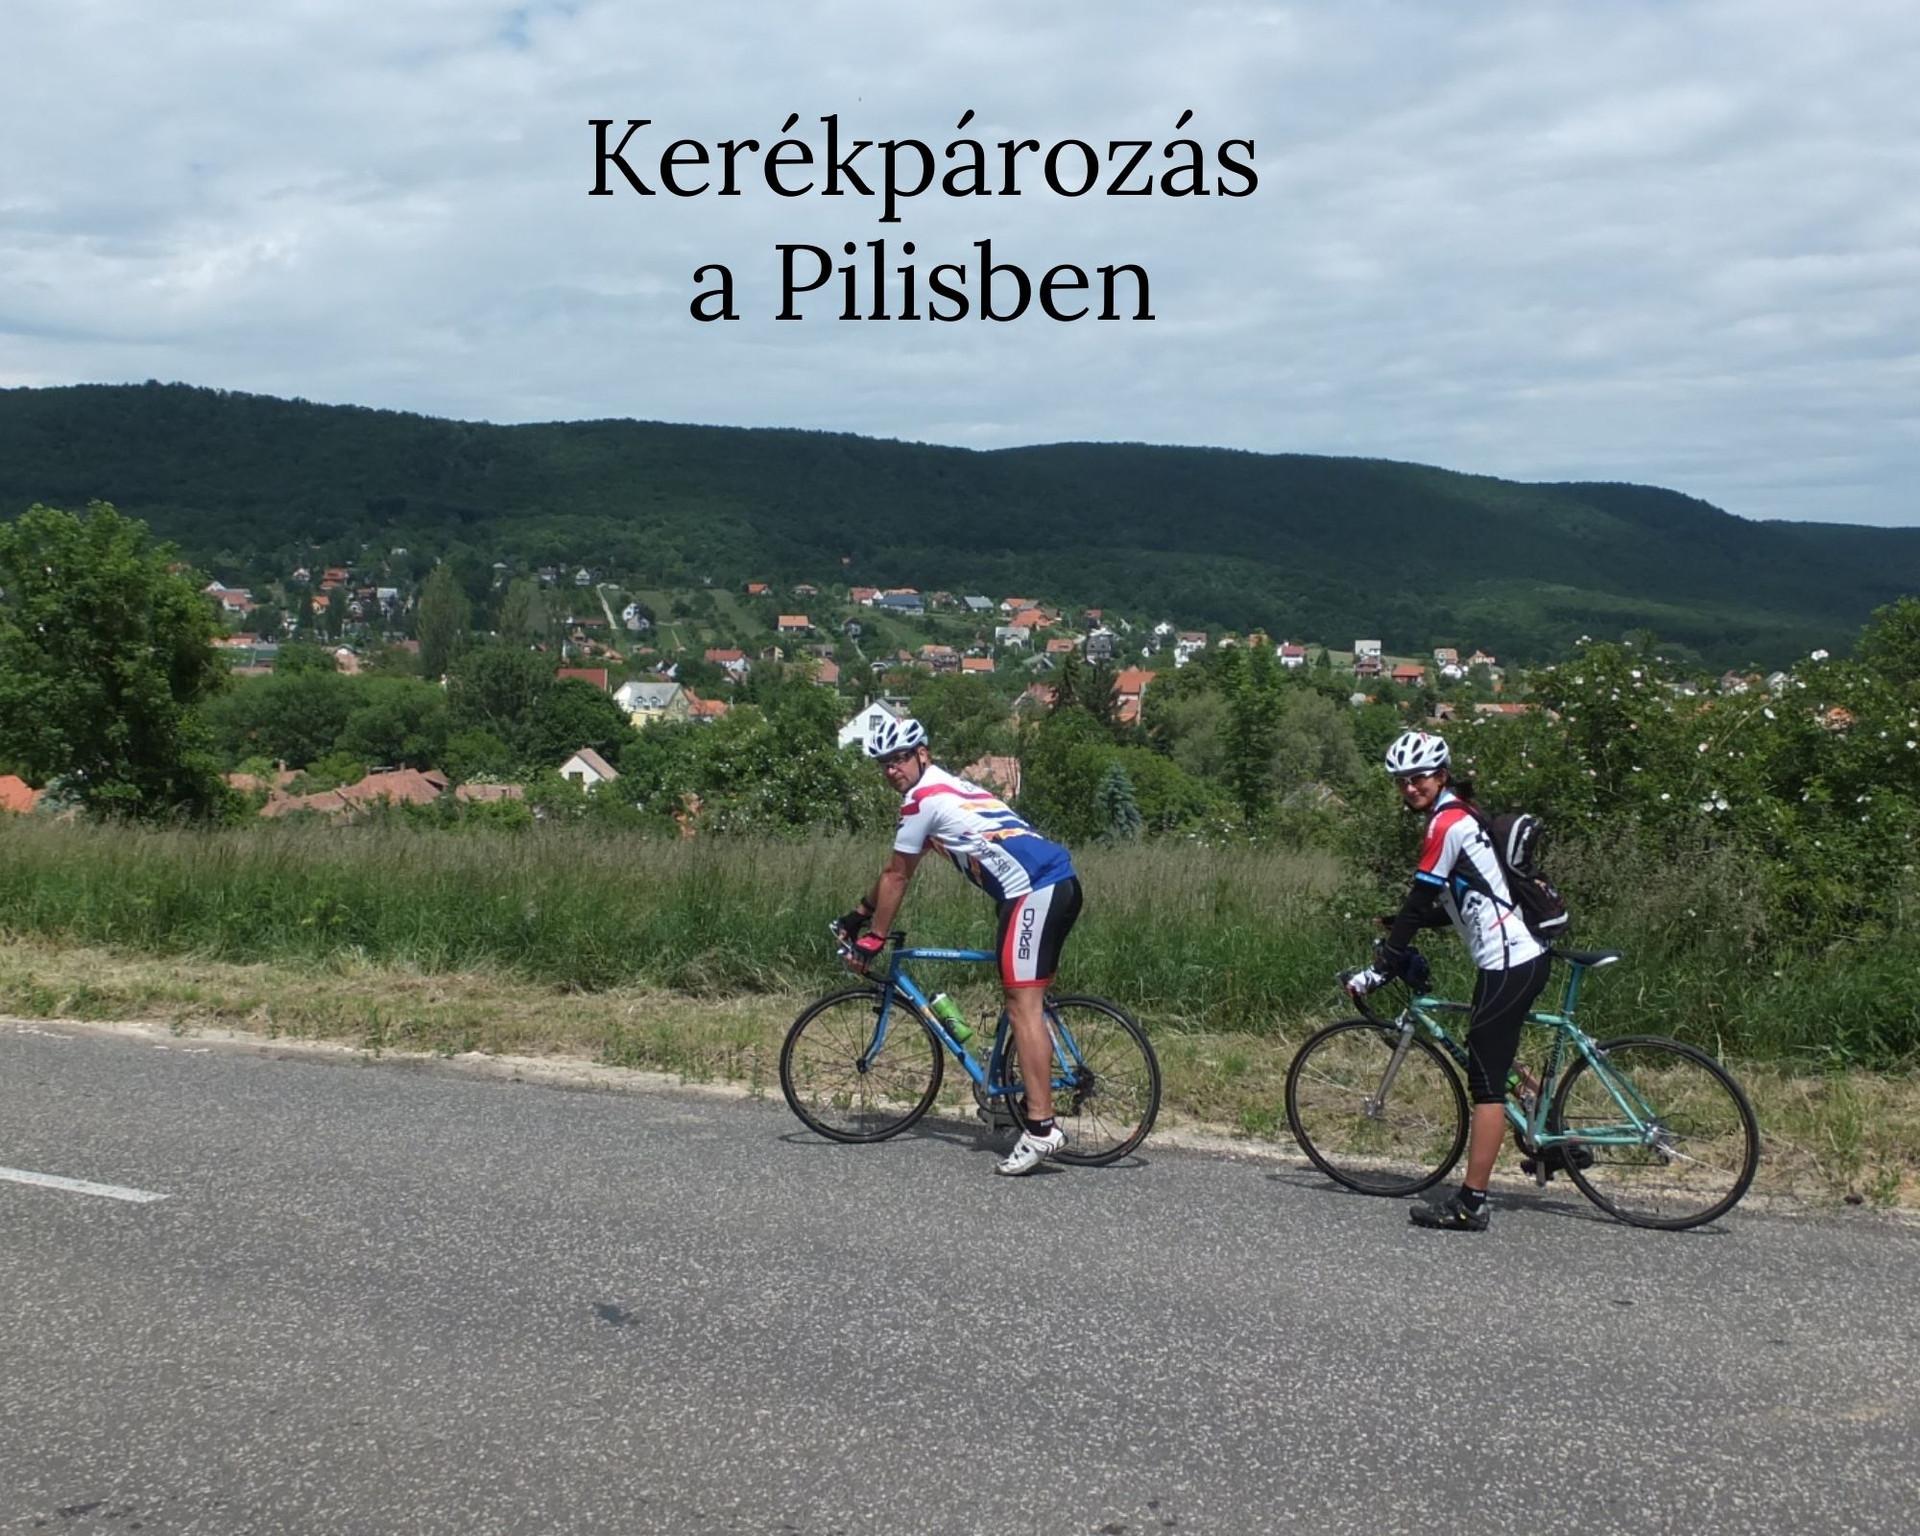 Kerékpározás.jpg